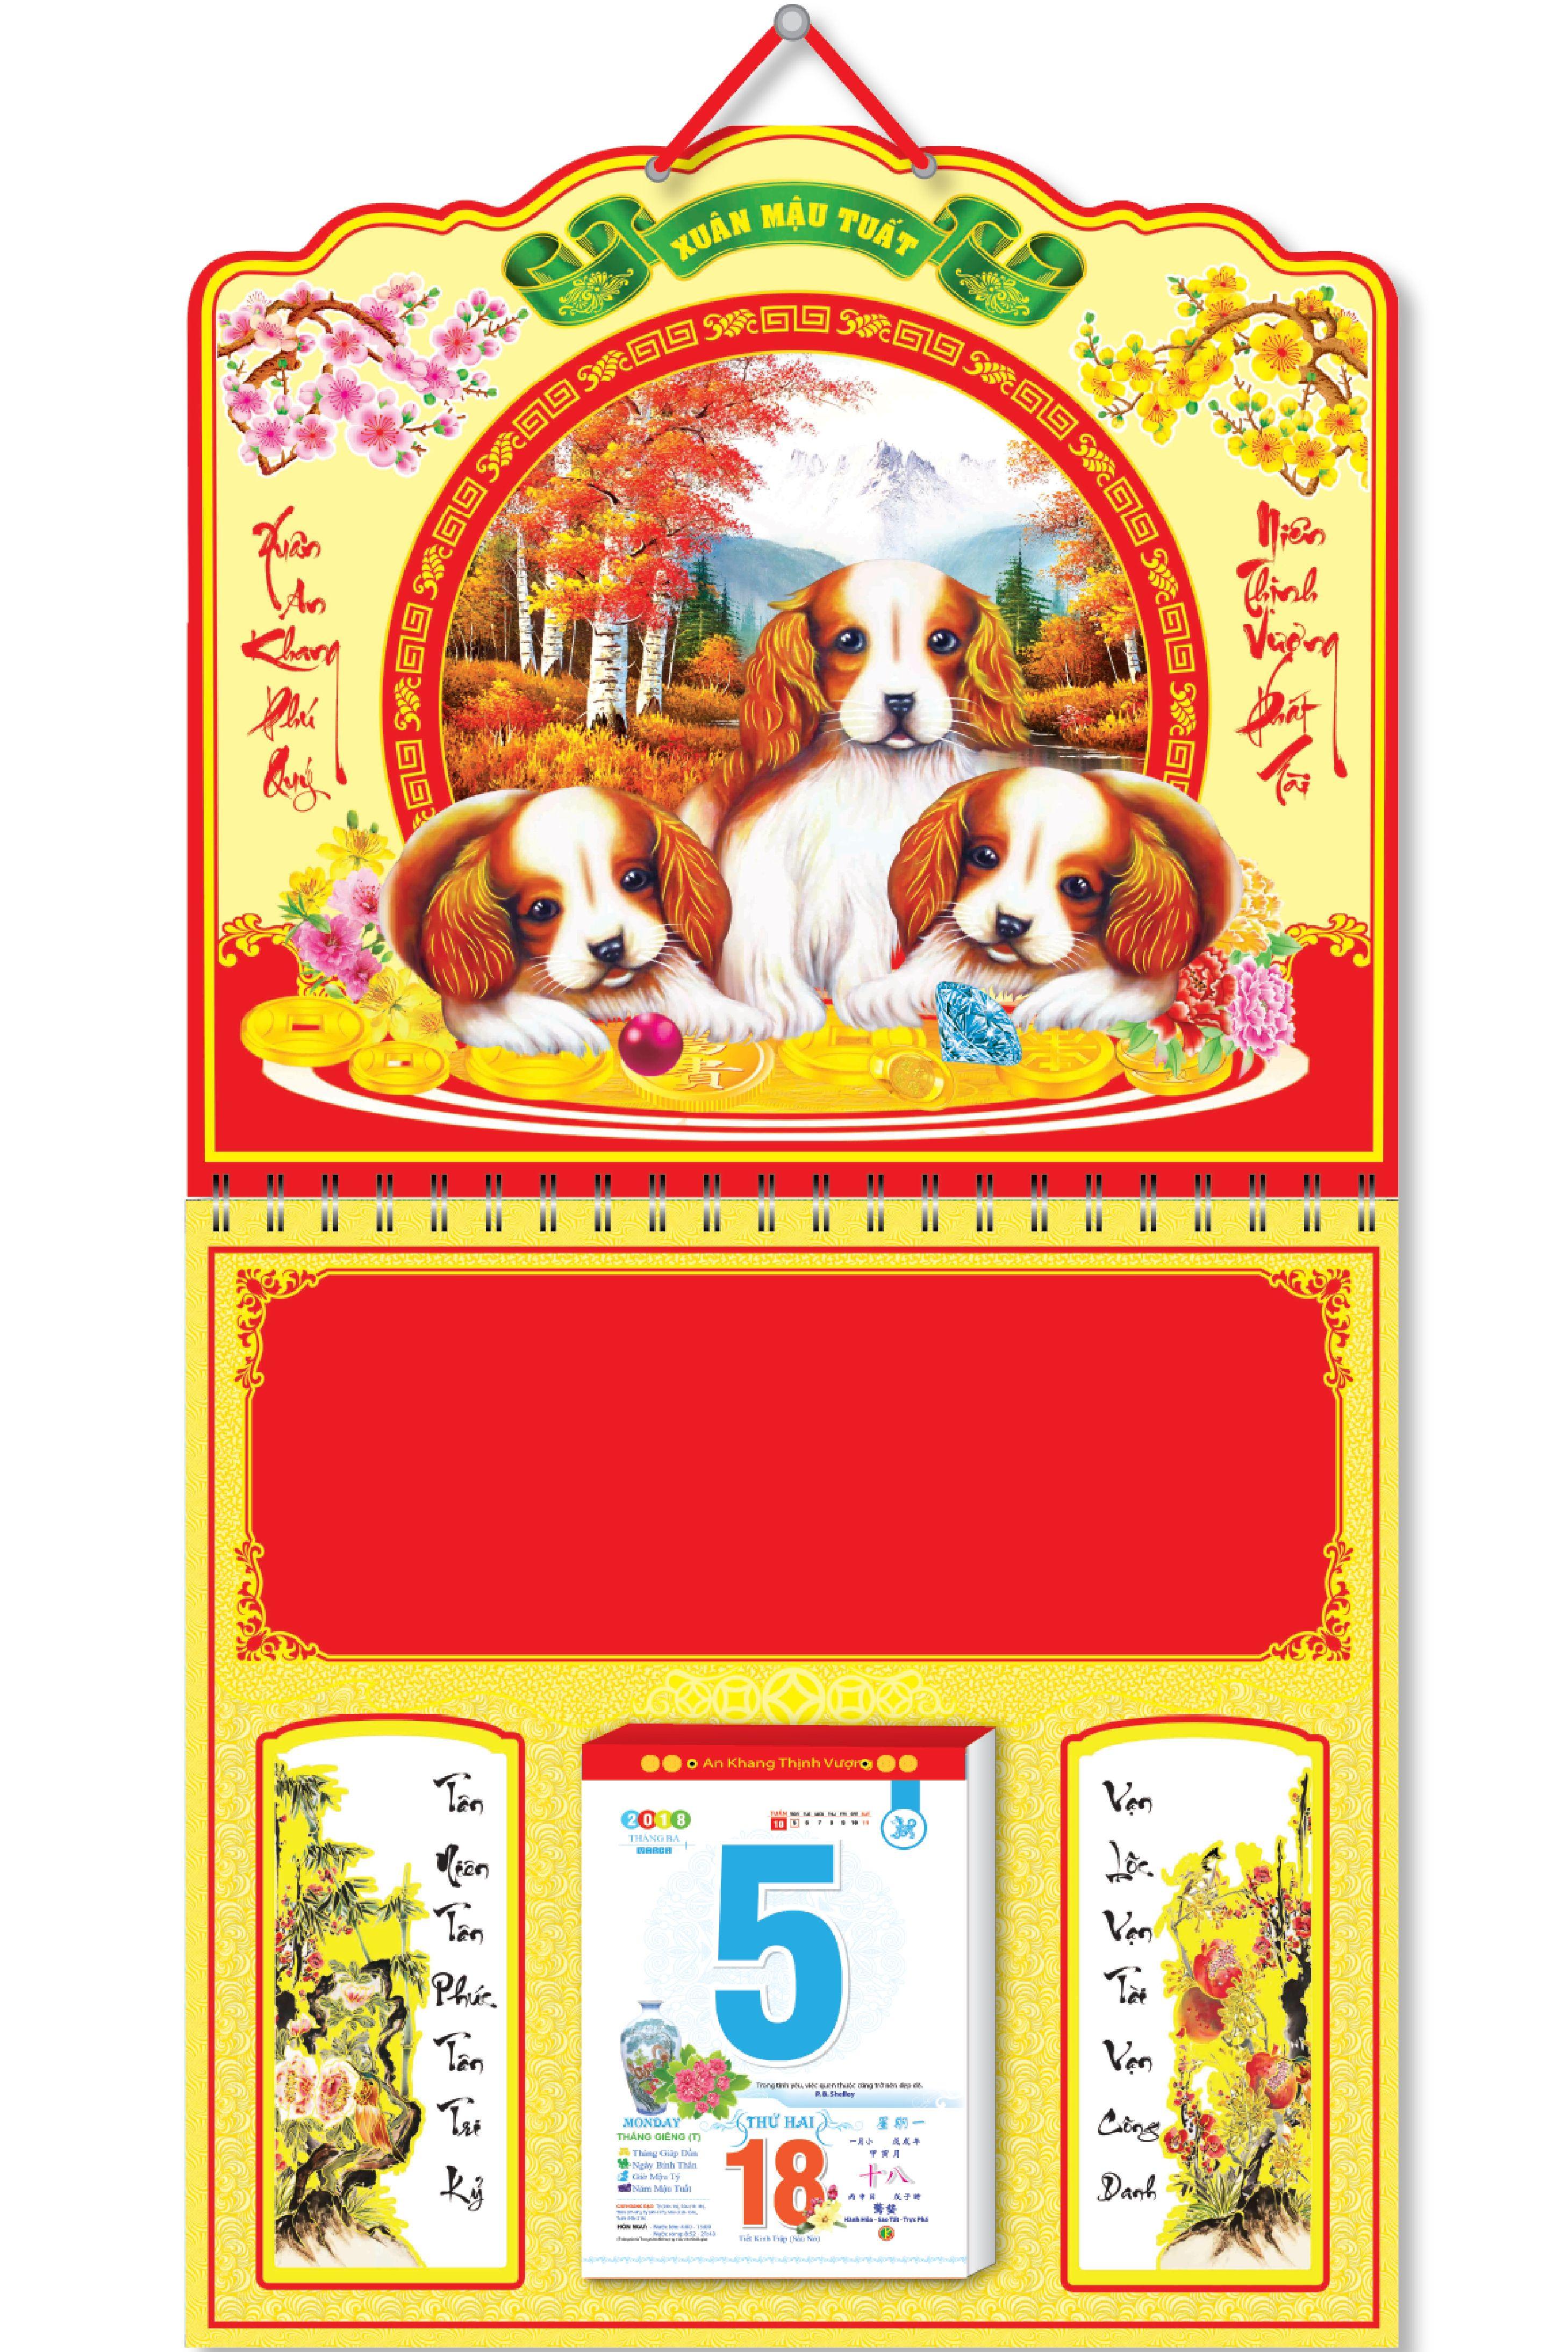 KV217 - Bìa Treo 2018 Lịch Lò Xo Giữa Bế Nổi (37 x 68 cm) - Chó Vui Vẻ